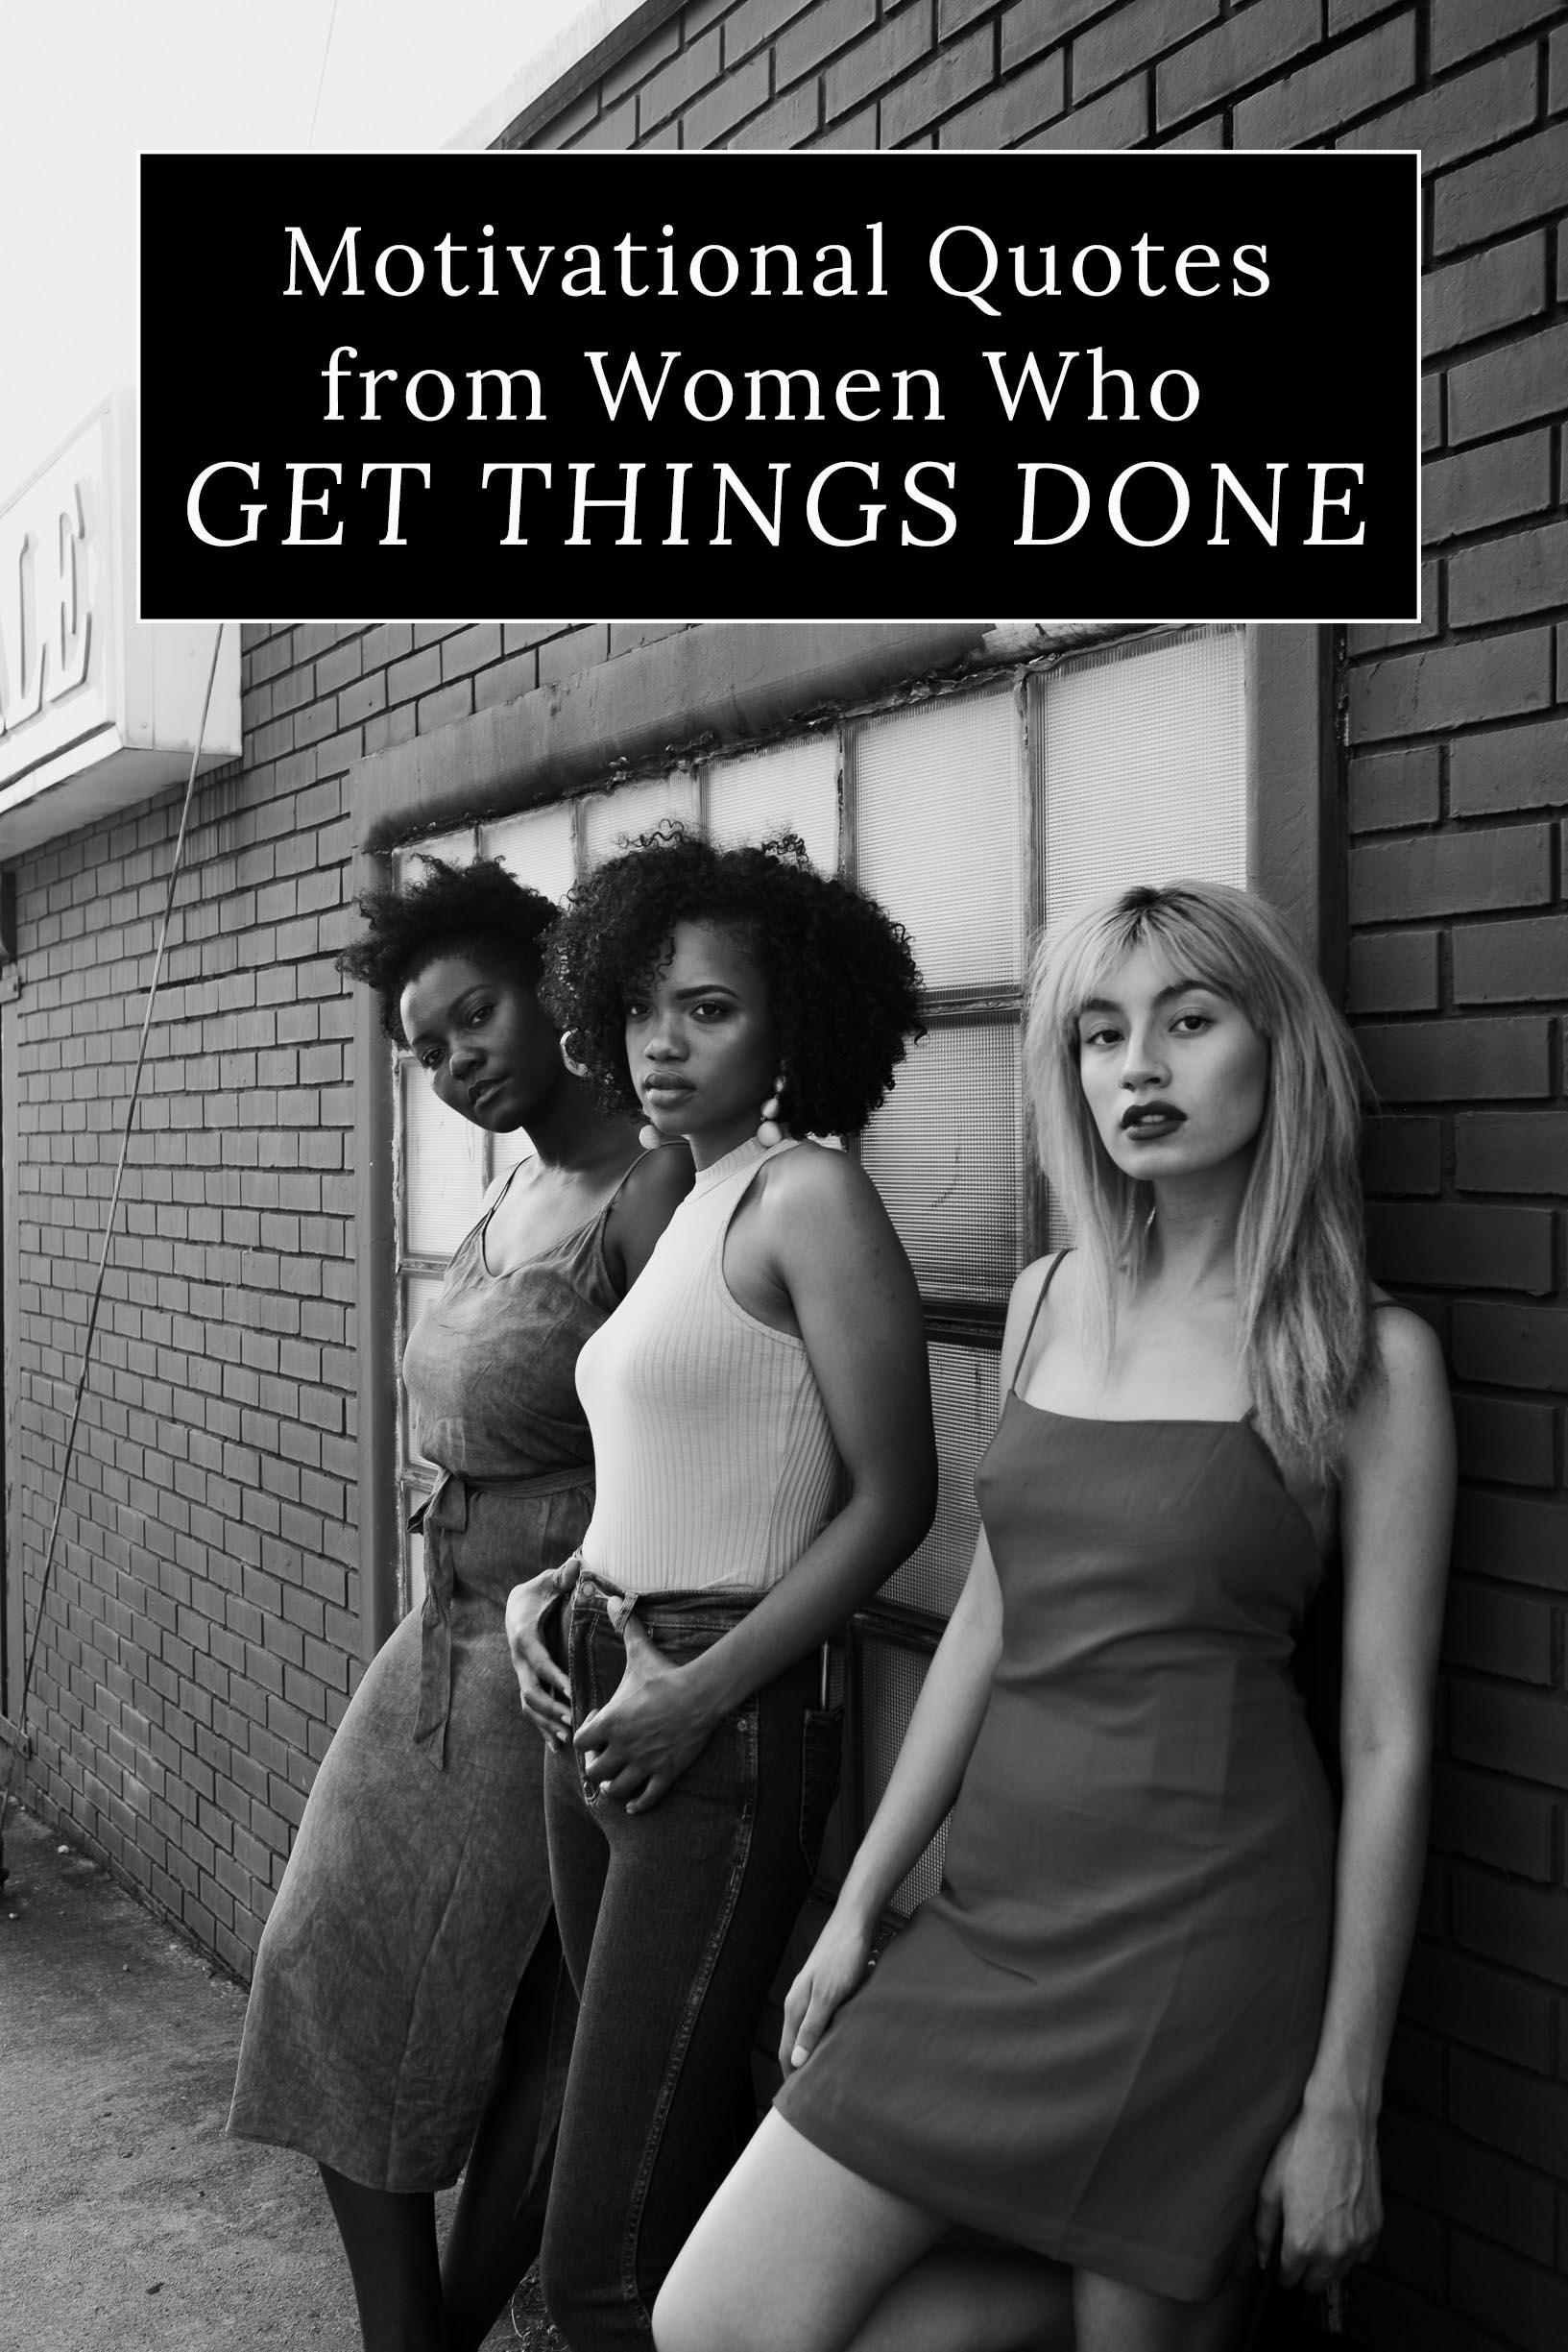 motivationalquotesbywomen